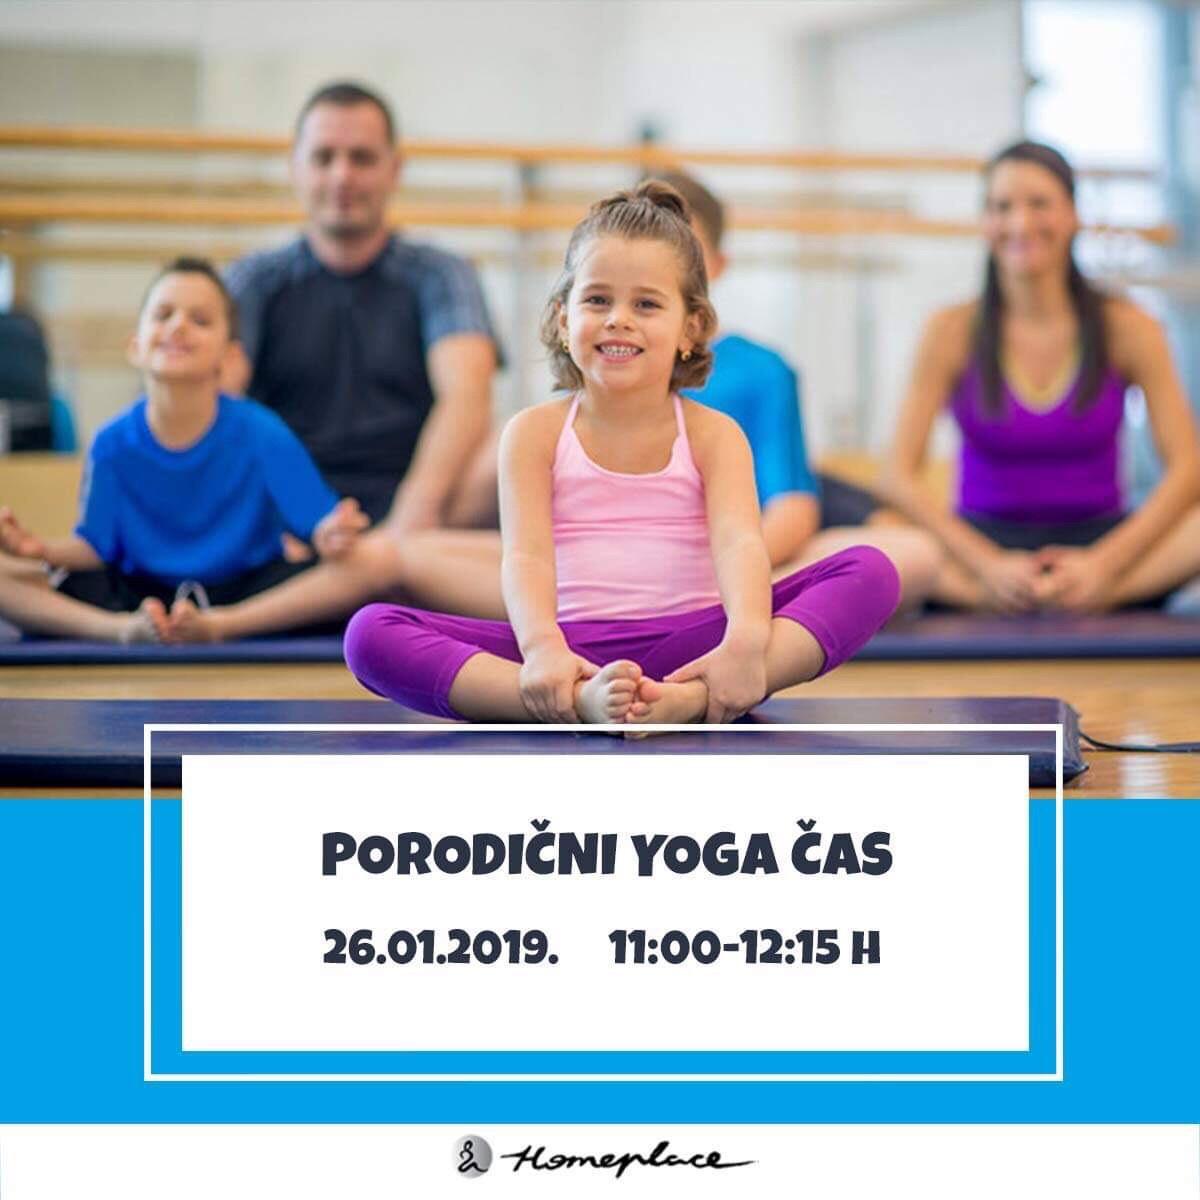 Porodični yoga čas - 26. januar 2019.